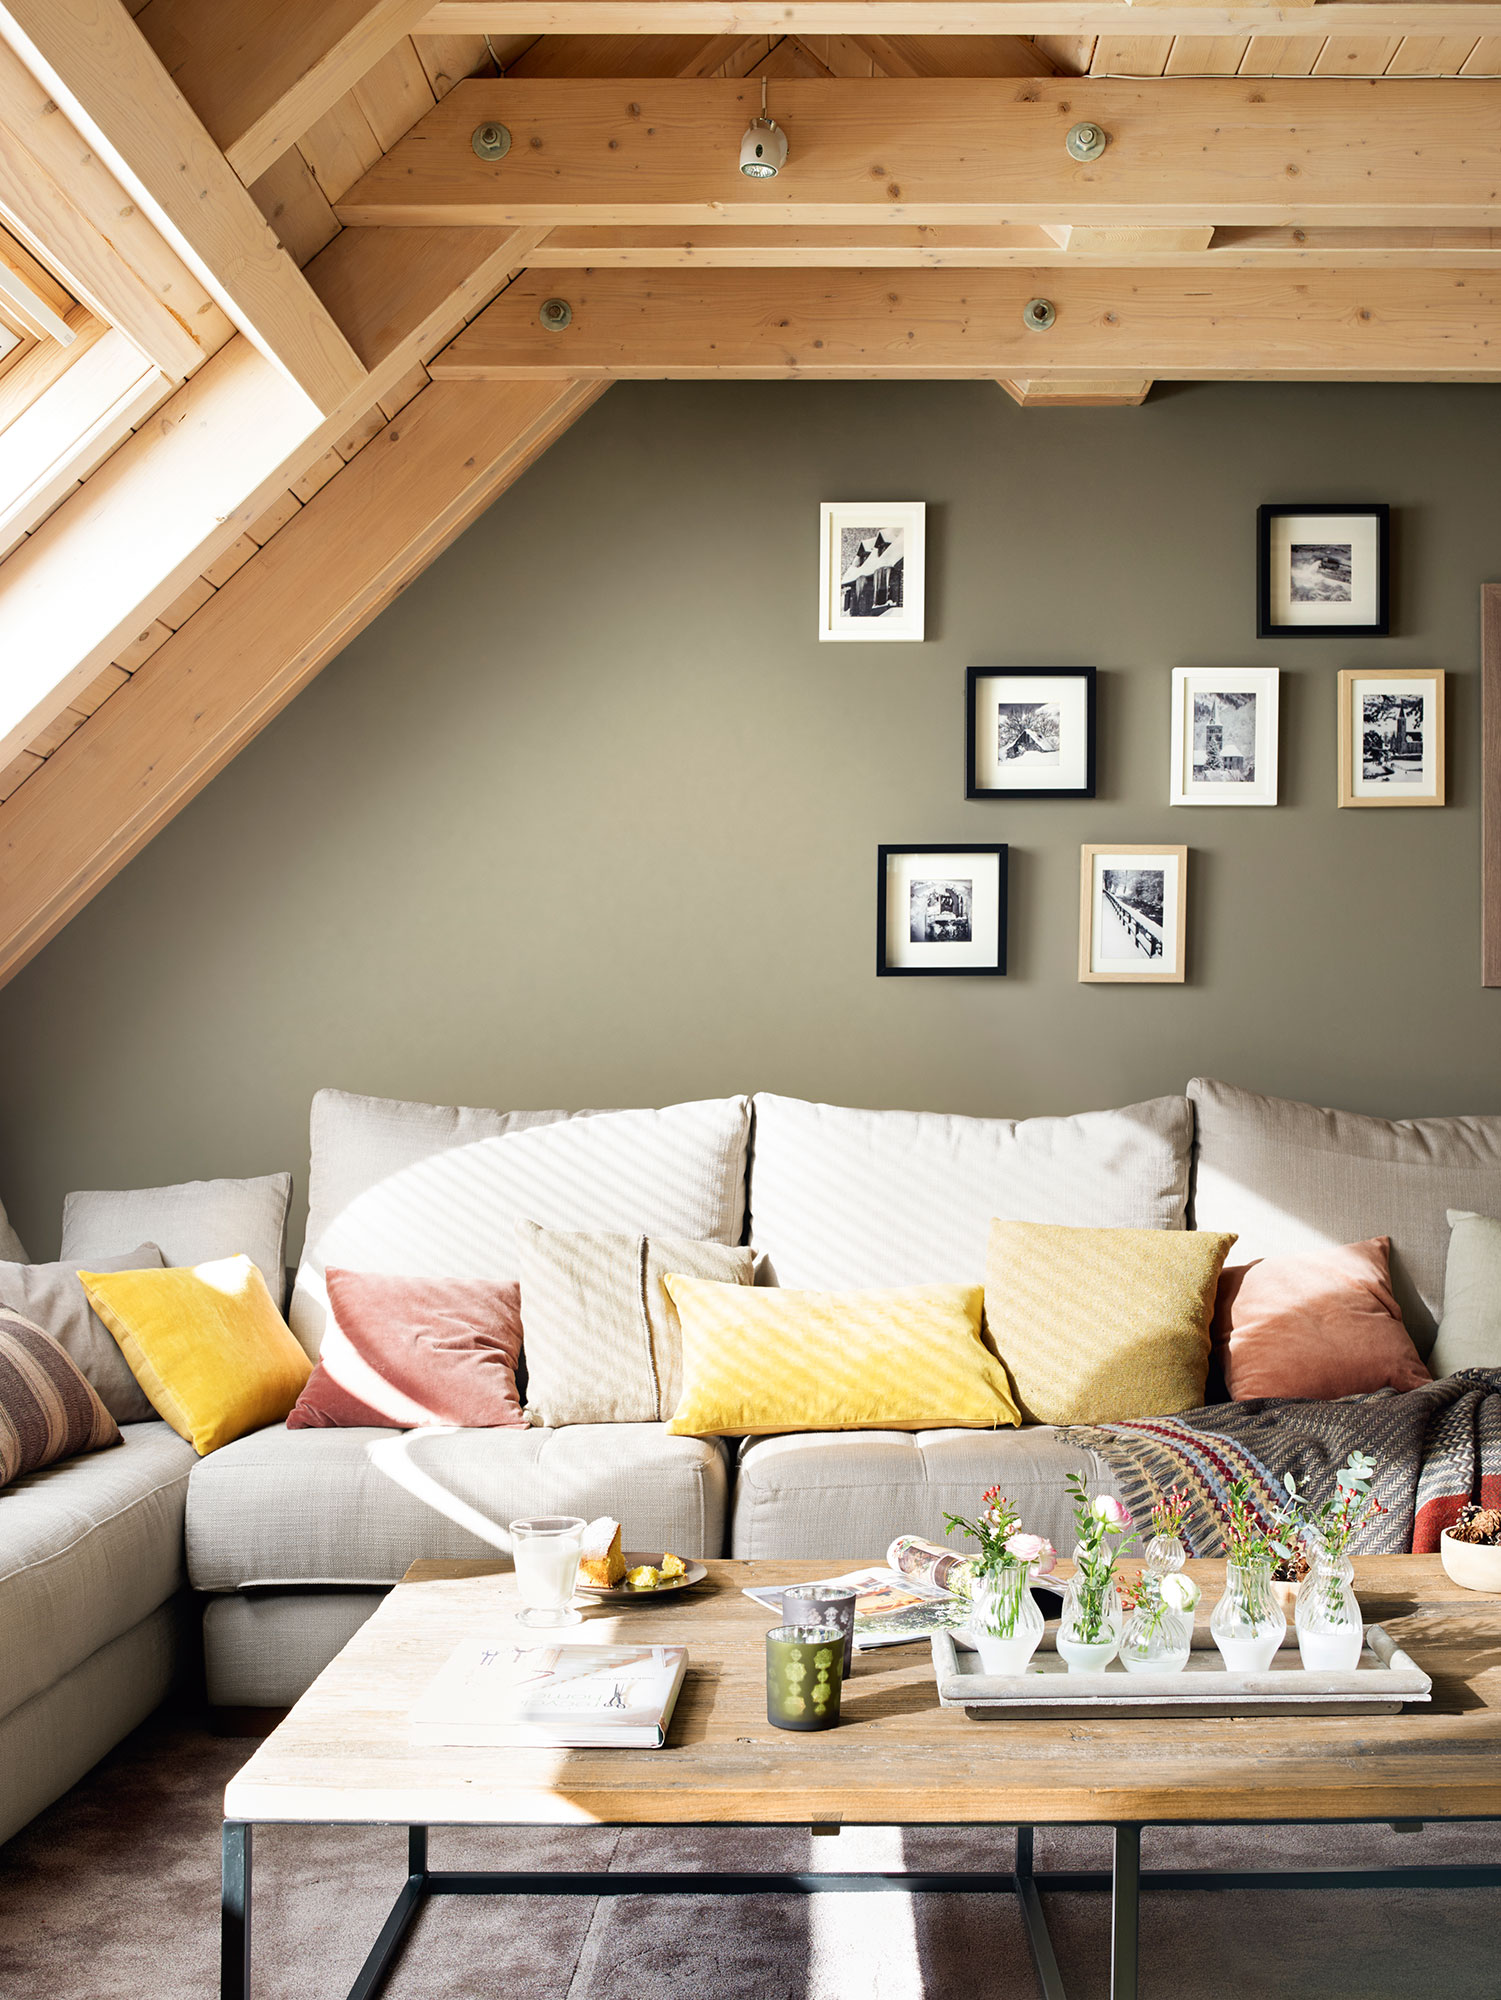 Semitoma de salón con techo de madera y composición de cuadros en blanco y negro sobre pared verde grisácea. Composición de fotos en blanco y negro